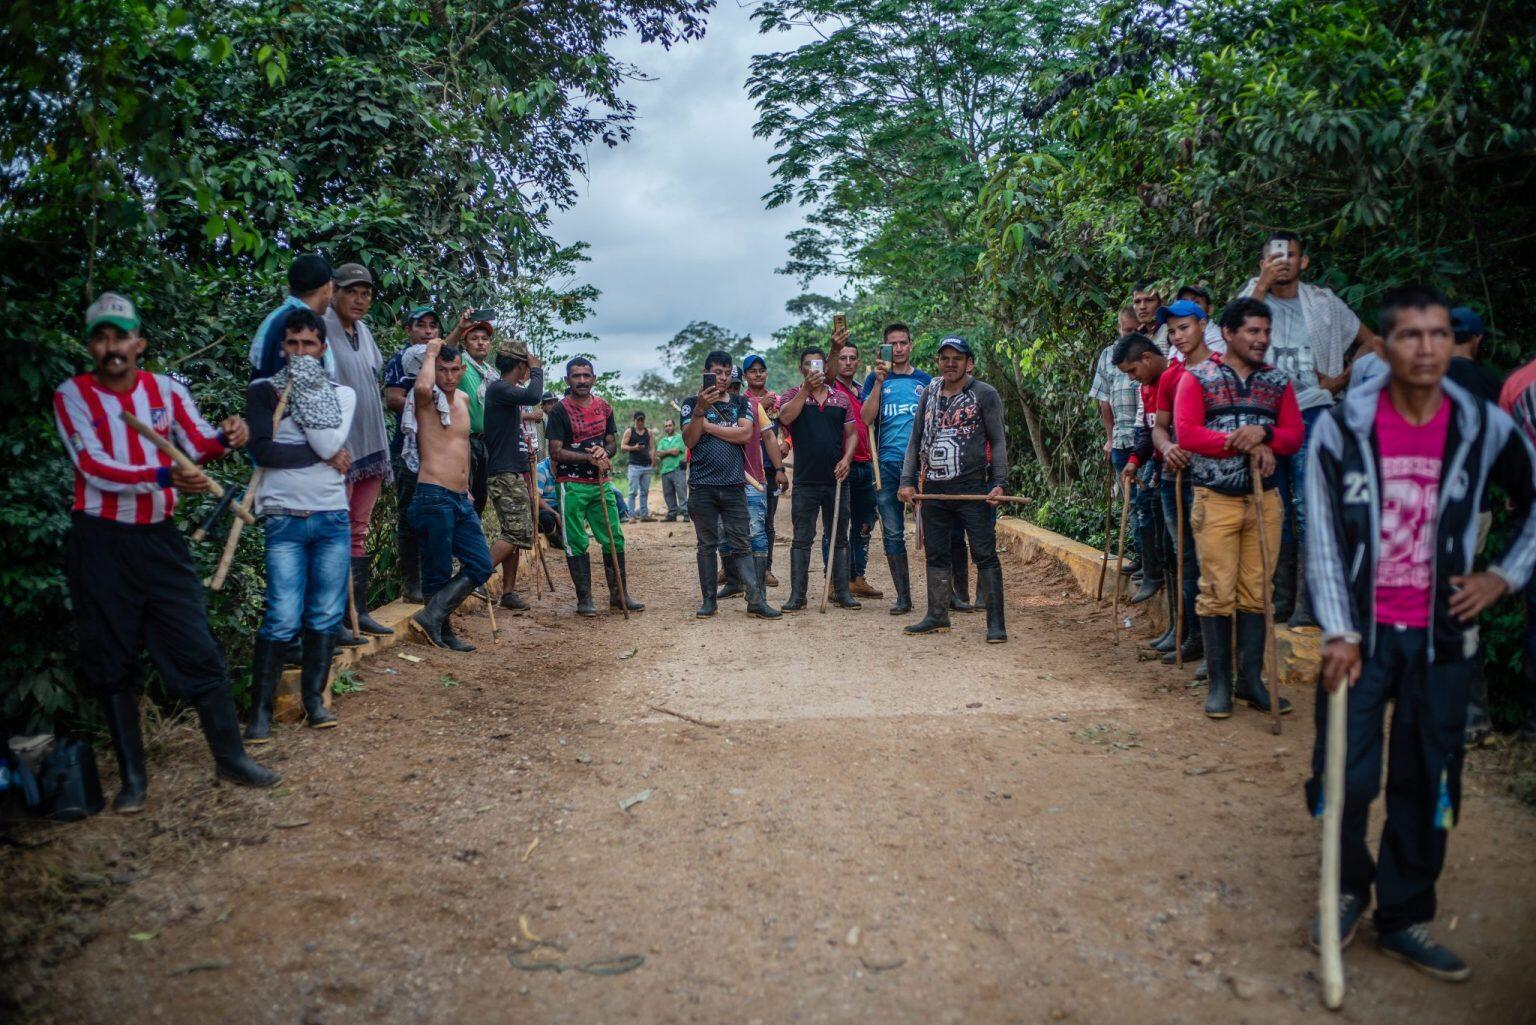 Un grupo de campesinos bloquea la vía que de Los Pozos conduce a San Juan de Lozada, en la región de La Macarena, el 2 de abril de 2019, esperando que el Gobierno atienda su llamado de dialogar sobre la Operación Artemisa con la que se han visto severamente afectados. Después de reuniones con el Gobierno, se conformó una mesa de negociación que no ha avanzado por dificultades de movilidad durante la epidemia de coronavirus. La protesta se disolvió una semana después.